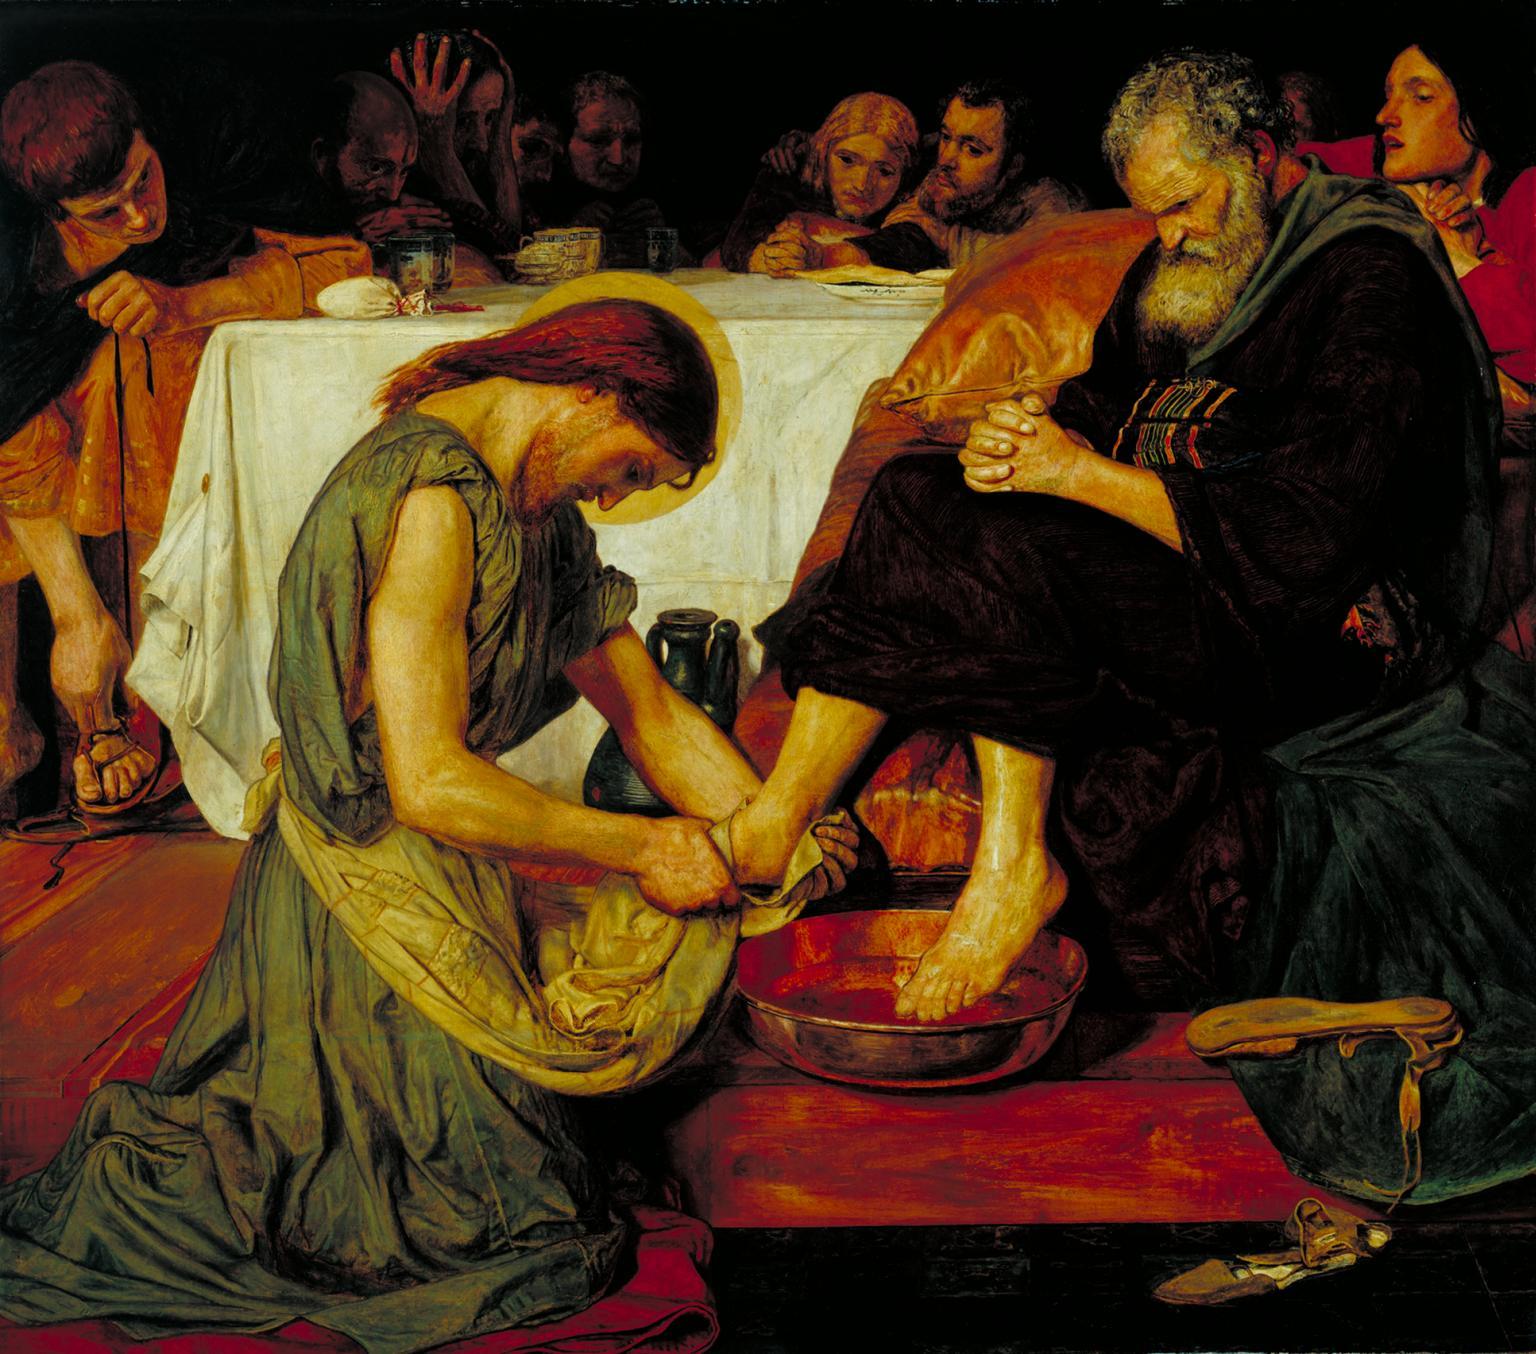 Ford Madox Brown, Gesù lava i piedi di Pietro (1852-1856; olio su tela, 116,8 x 133,3 cm; Londra, Tate Britain)